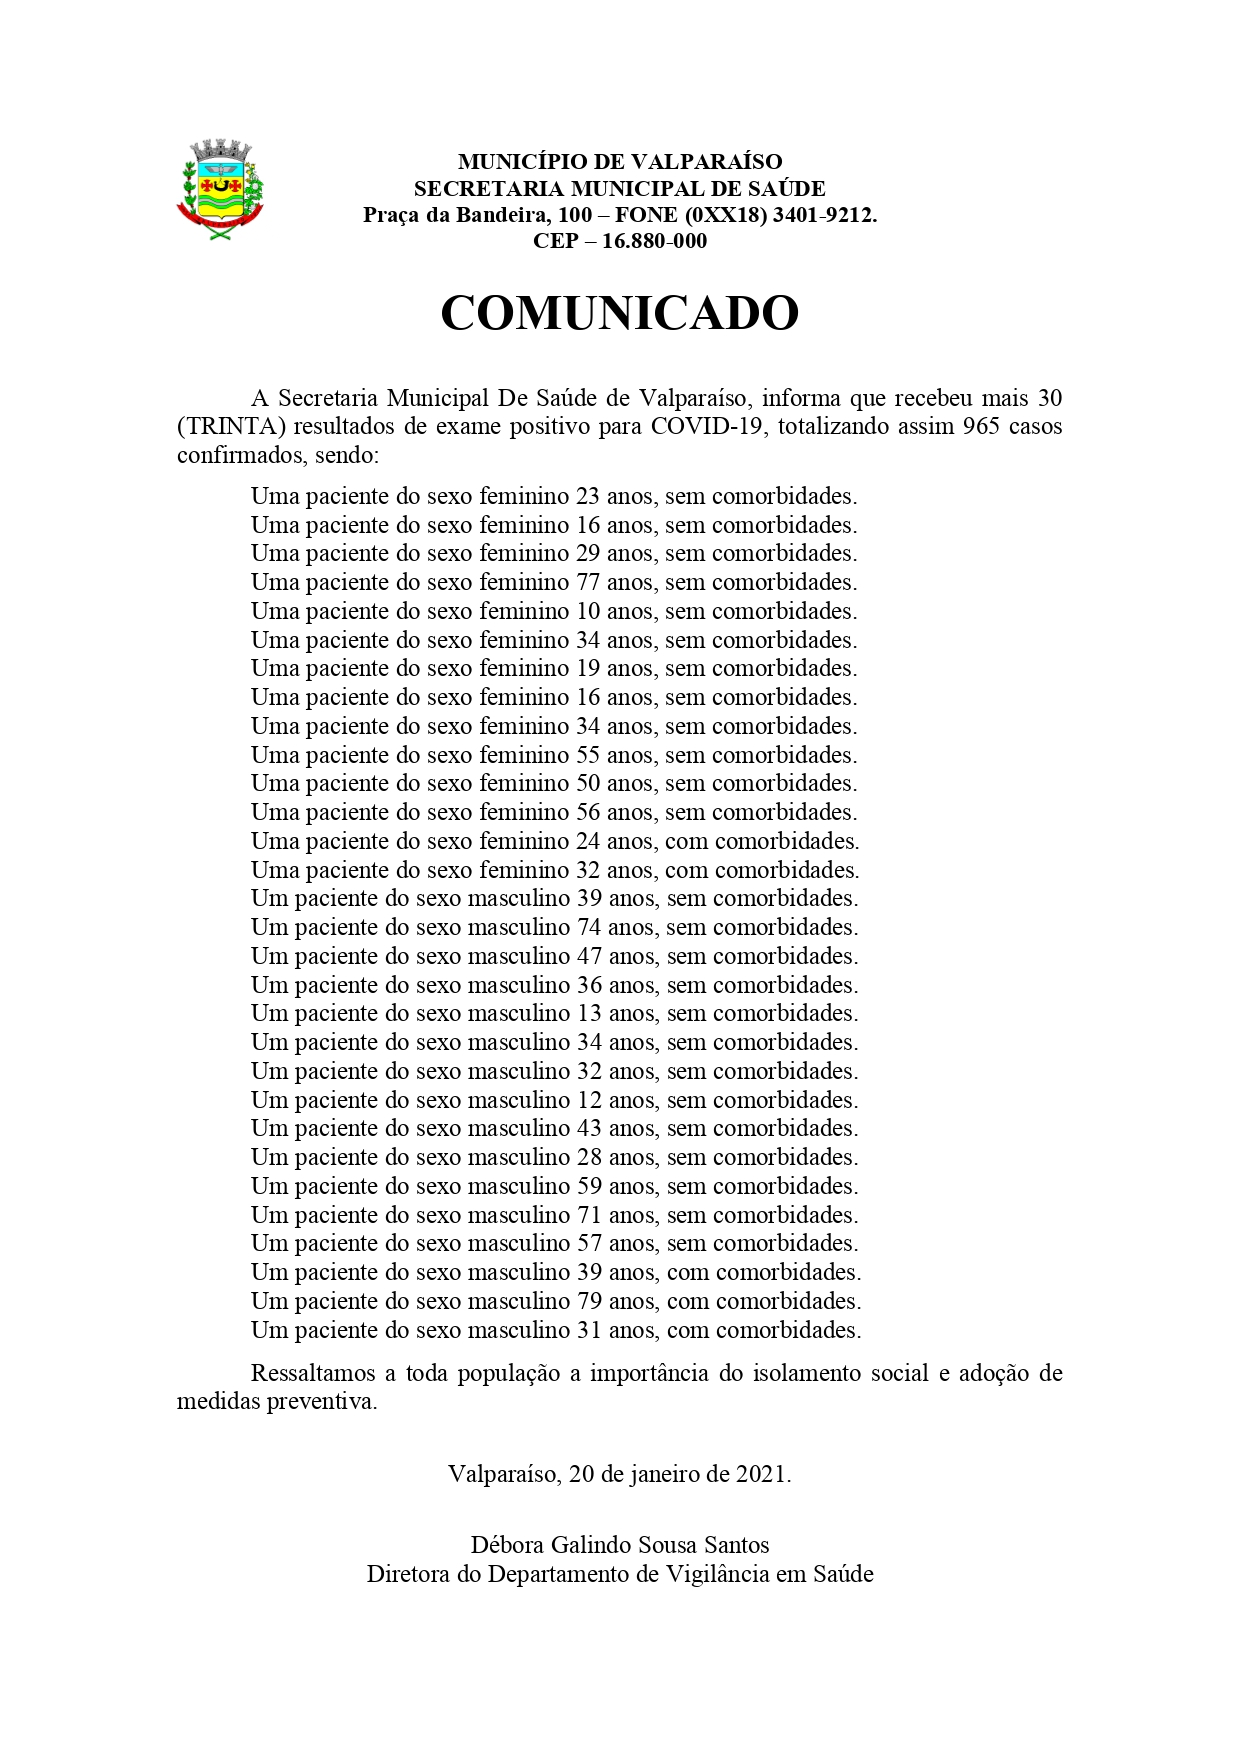 covid965